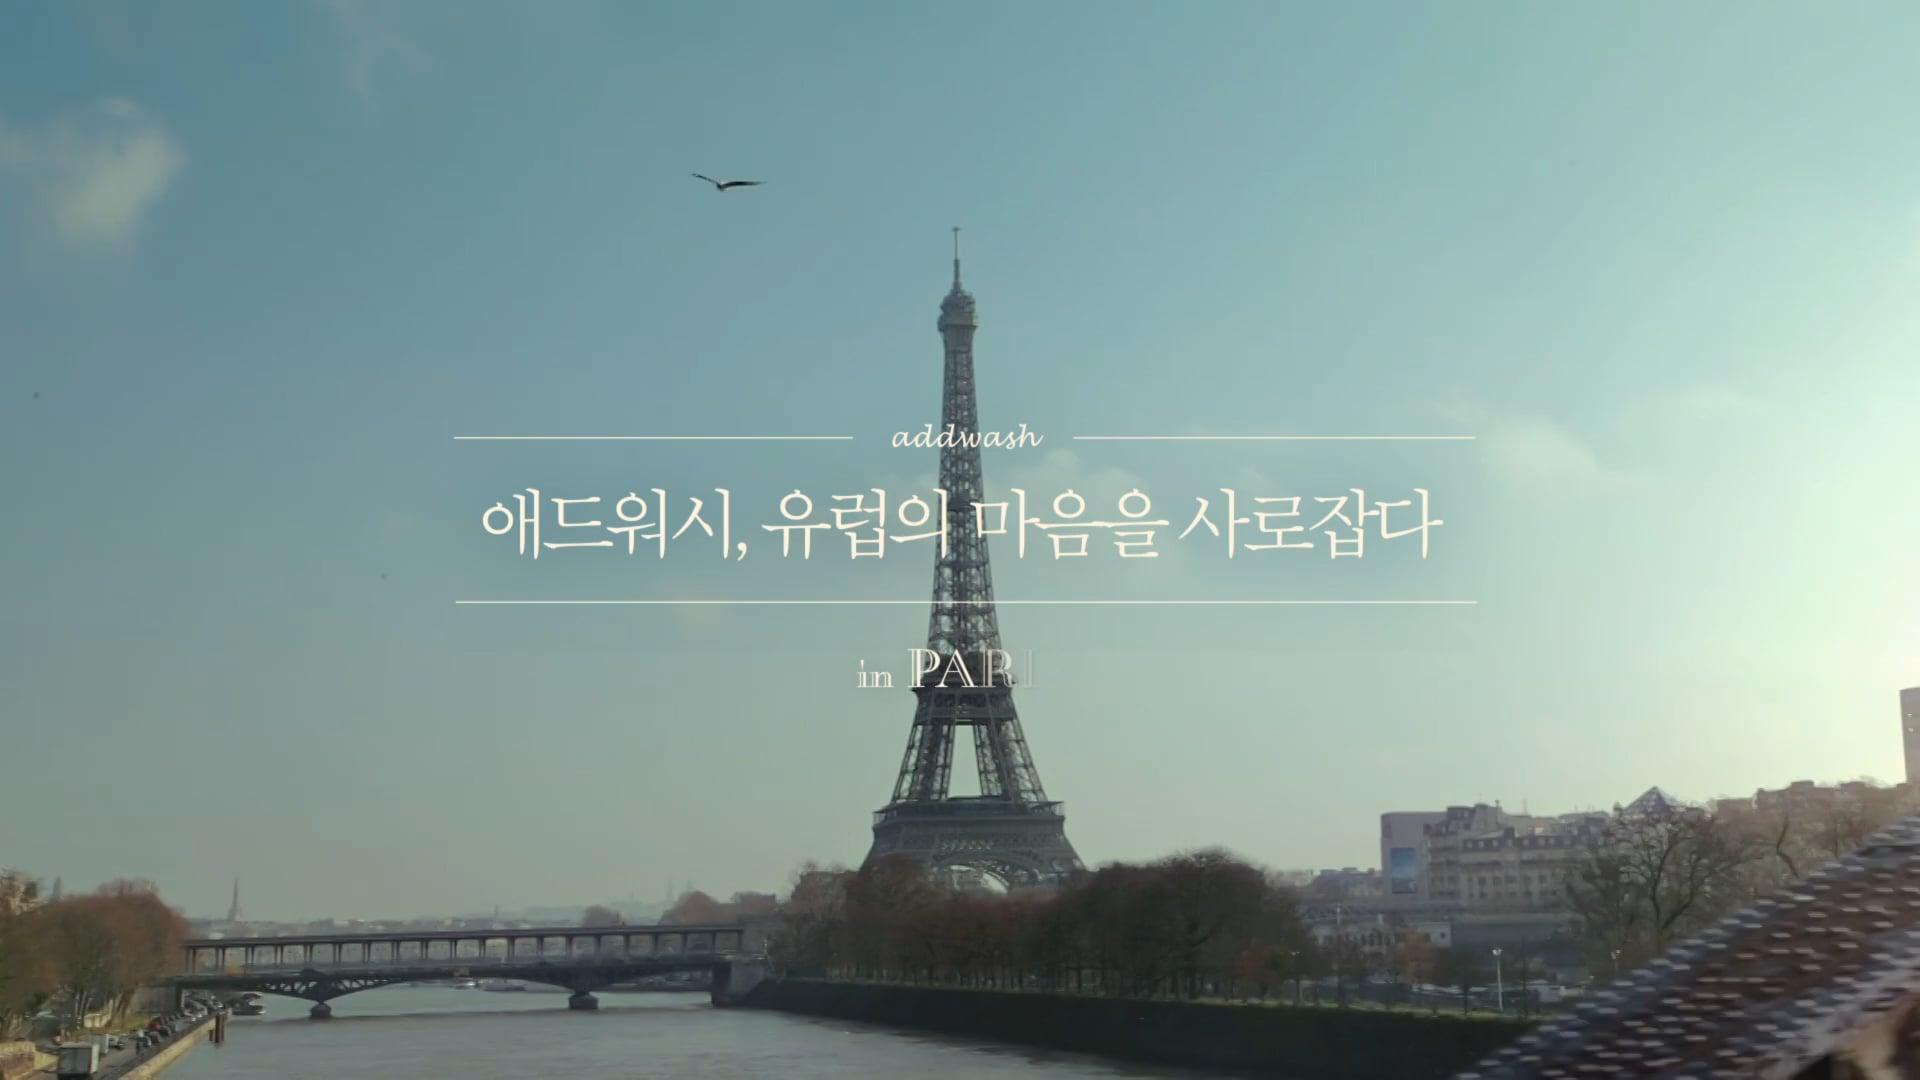 Samsung Addwash (Paris)